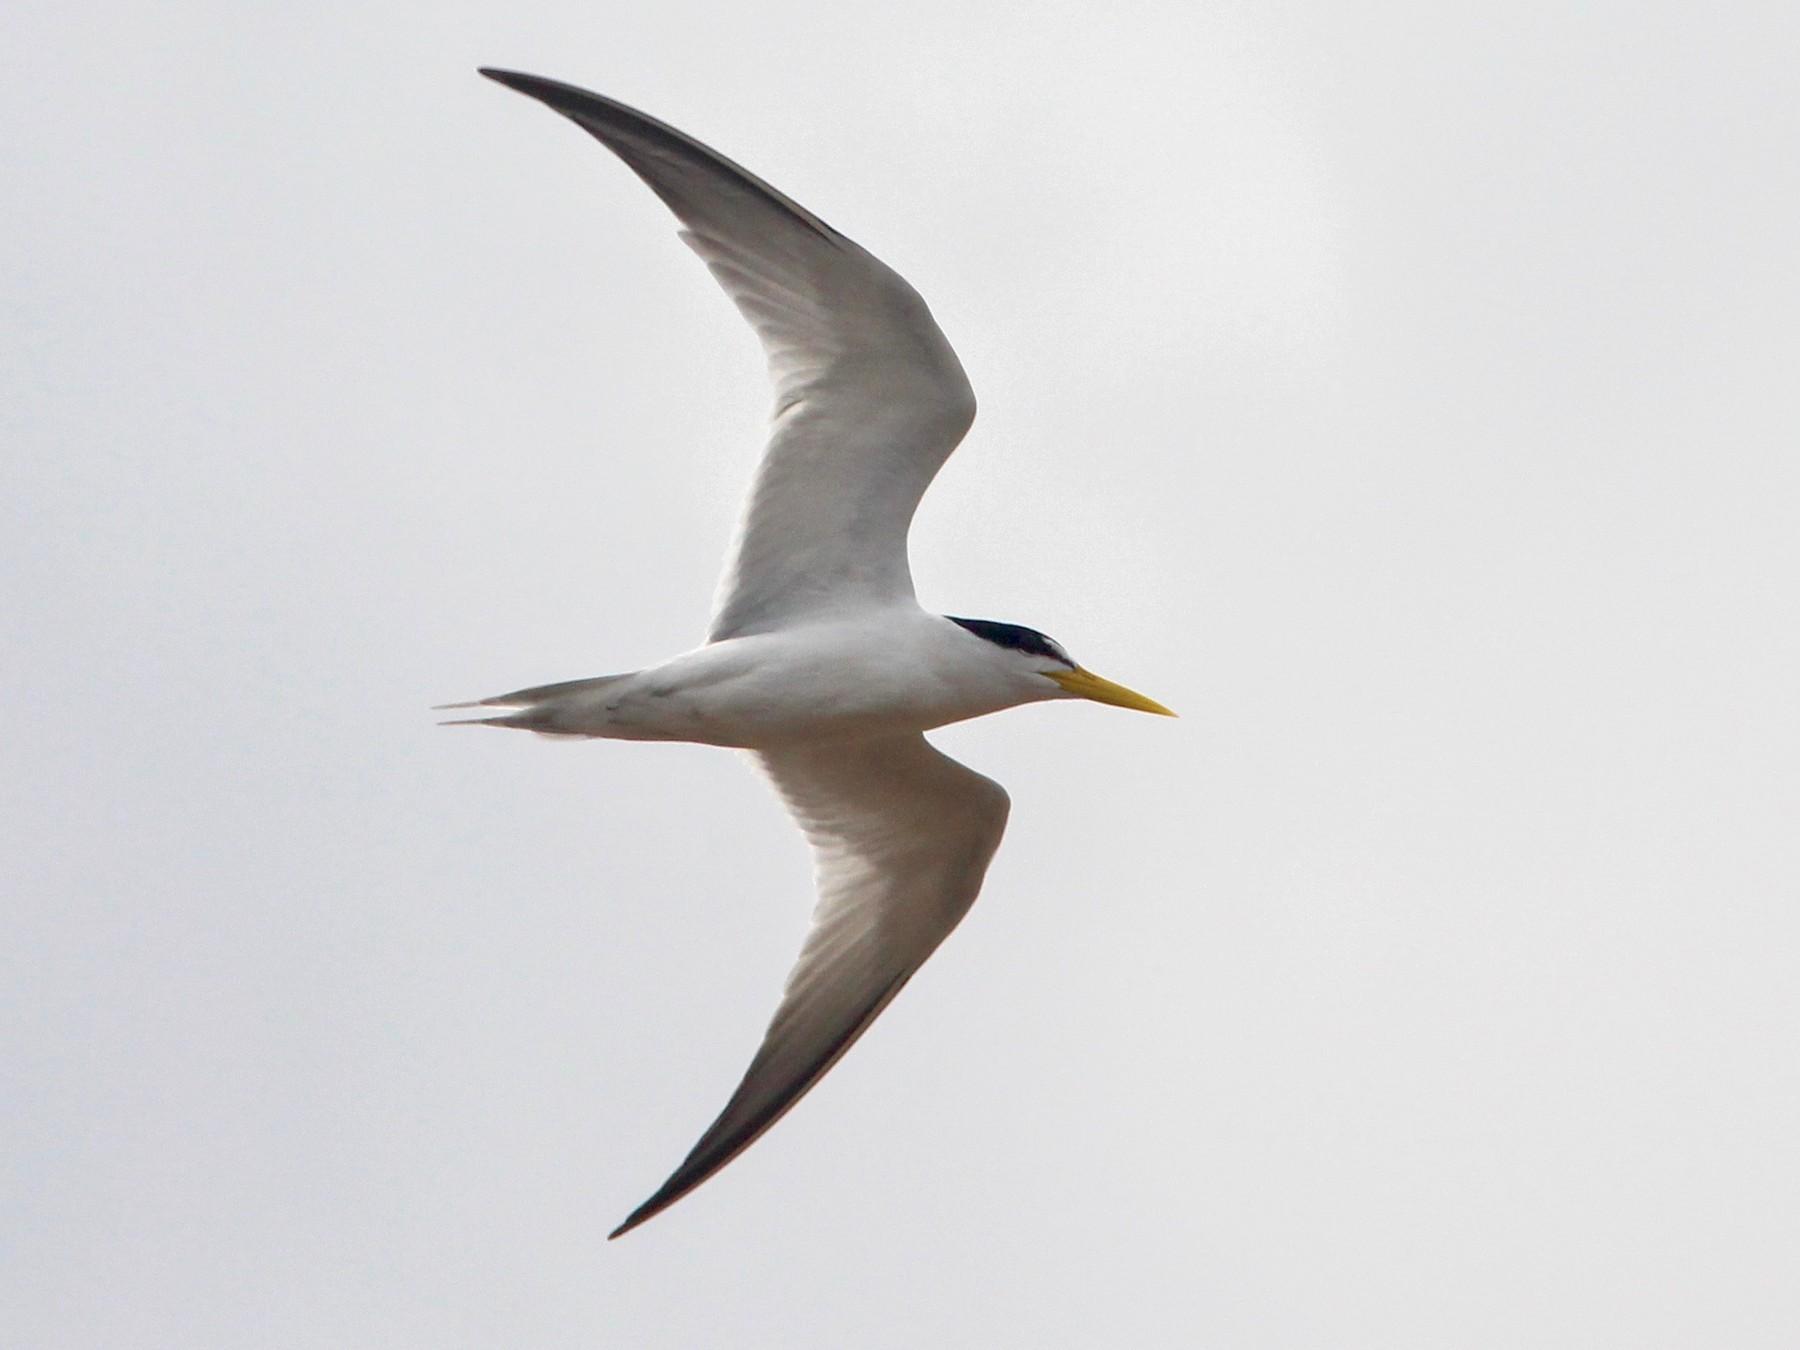 Yellow-billed Tern - Oscar  Johnson